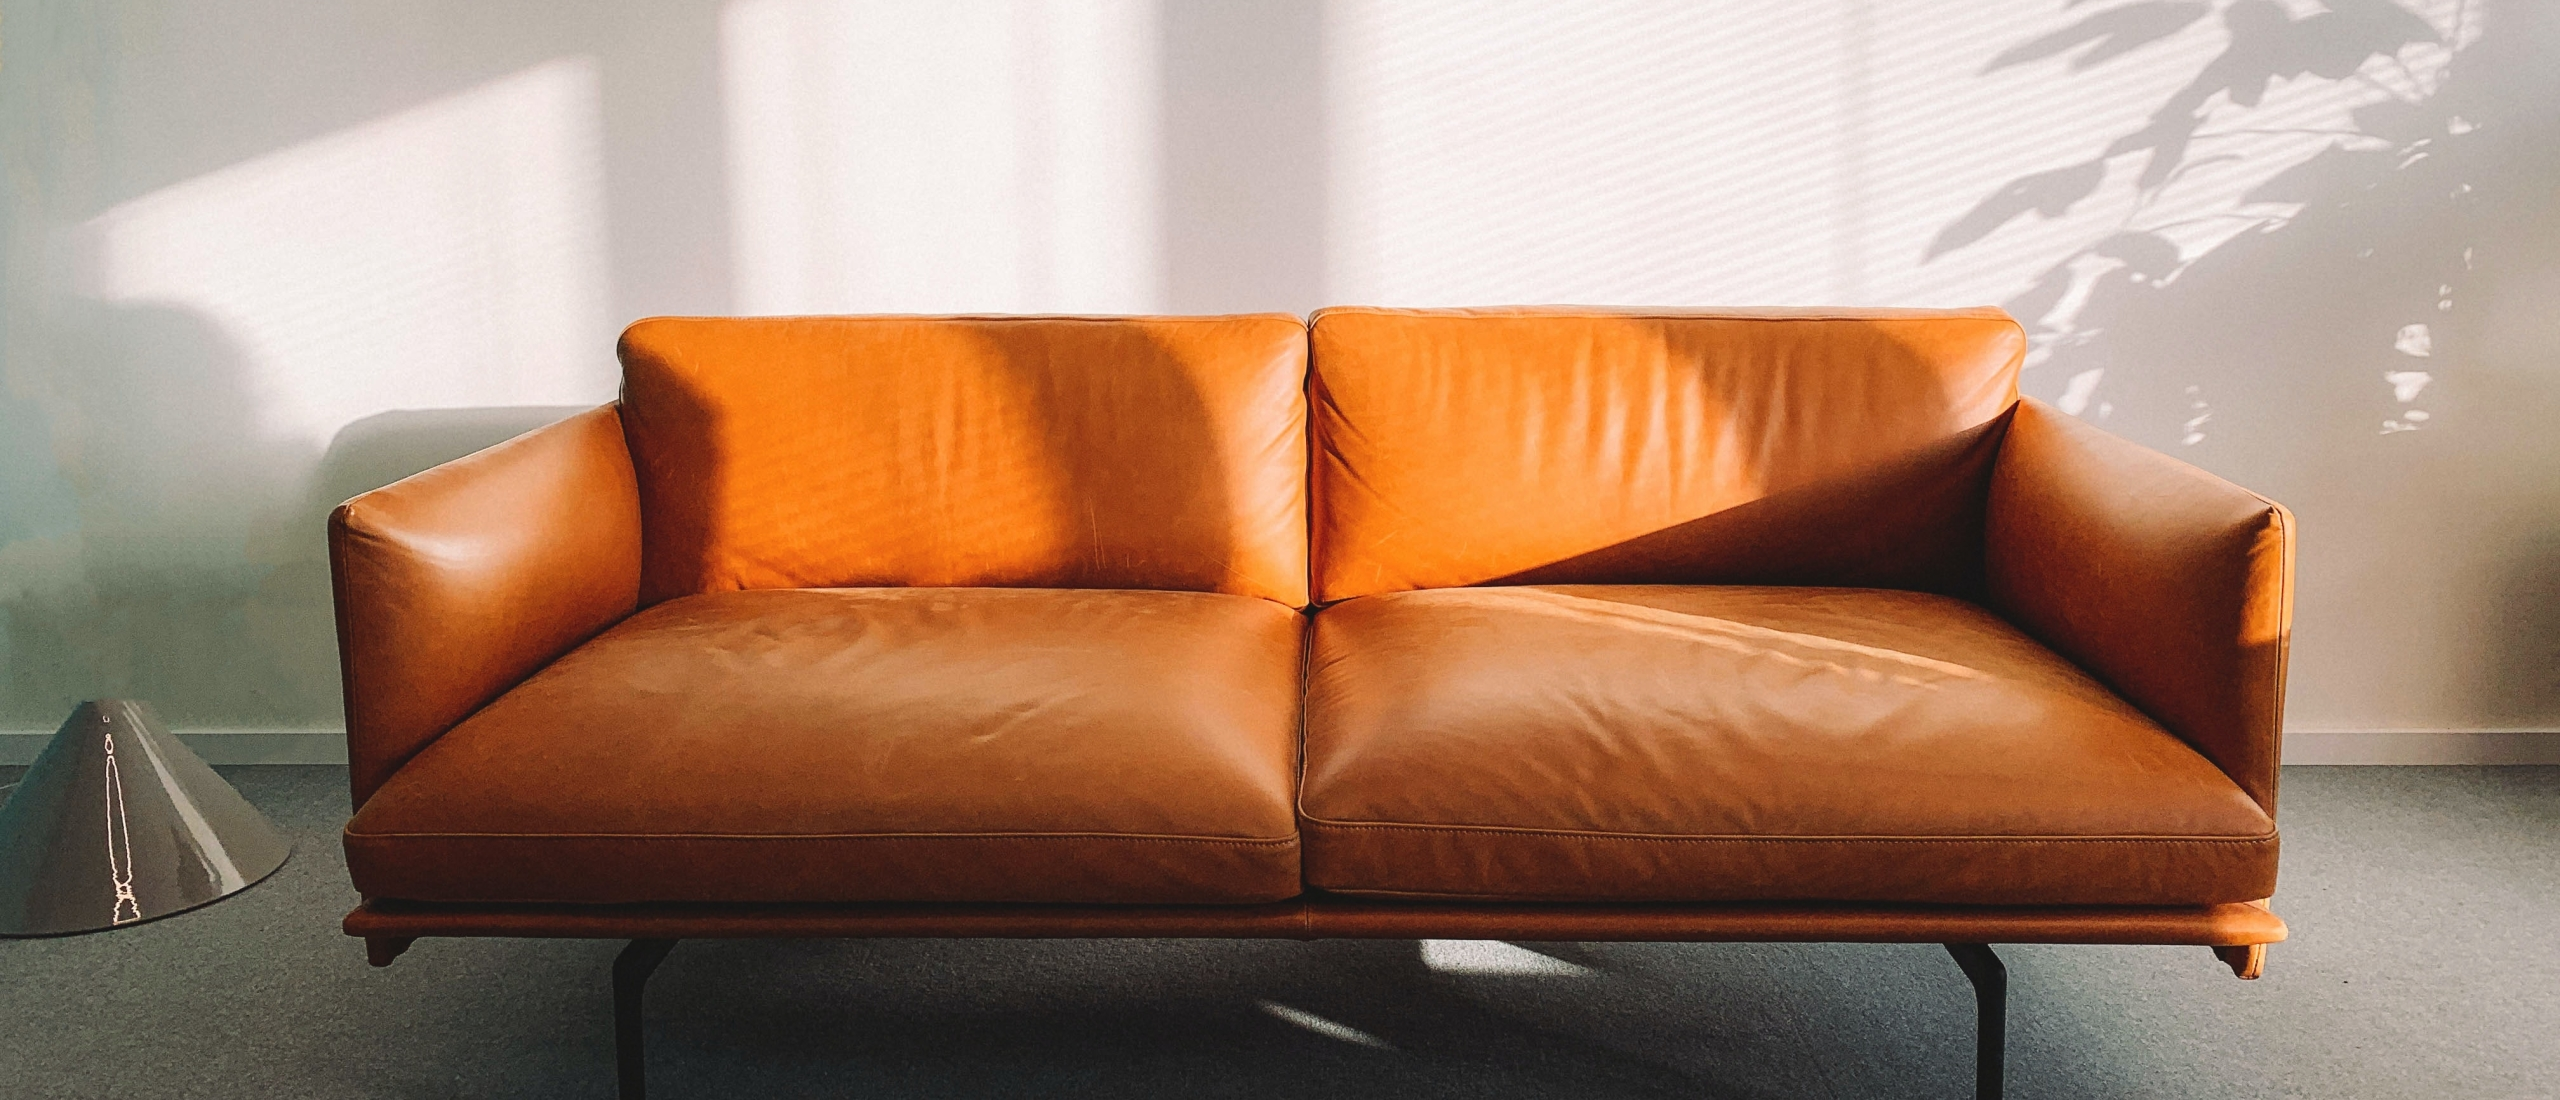 Hoe ziet een goede coachruimte eruit? 7 interieurtips voor coaches!